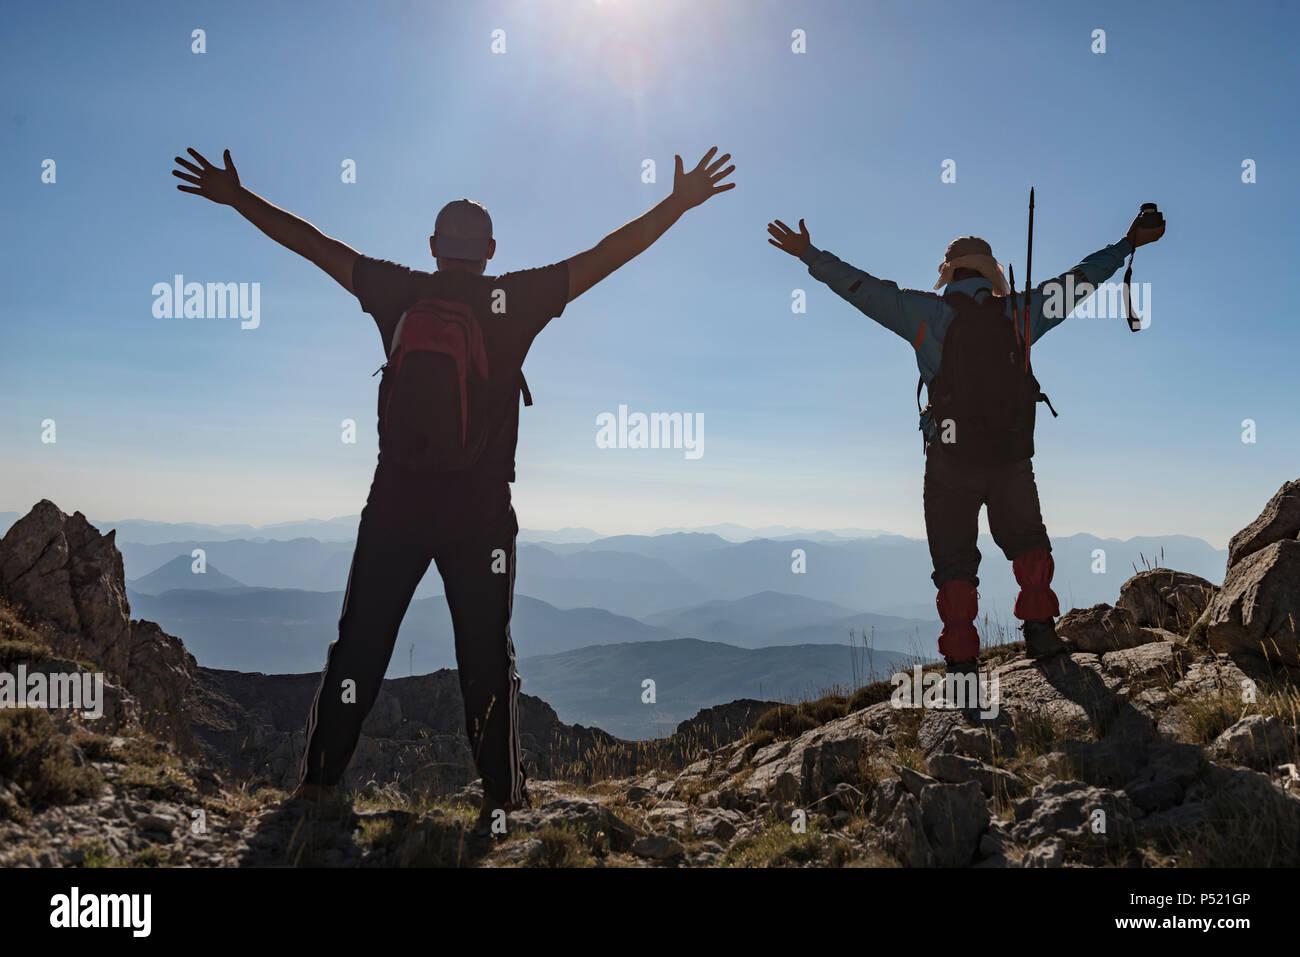 Felice e gioiosa alpinisti Immagini Stock